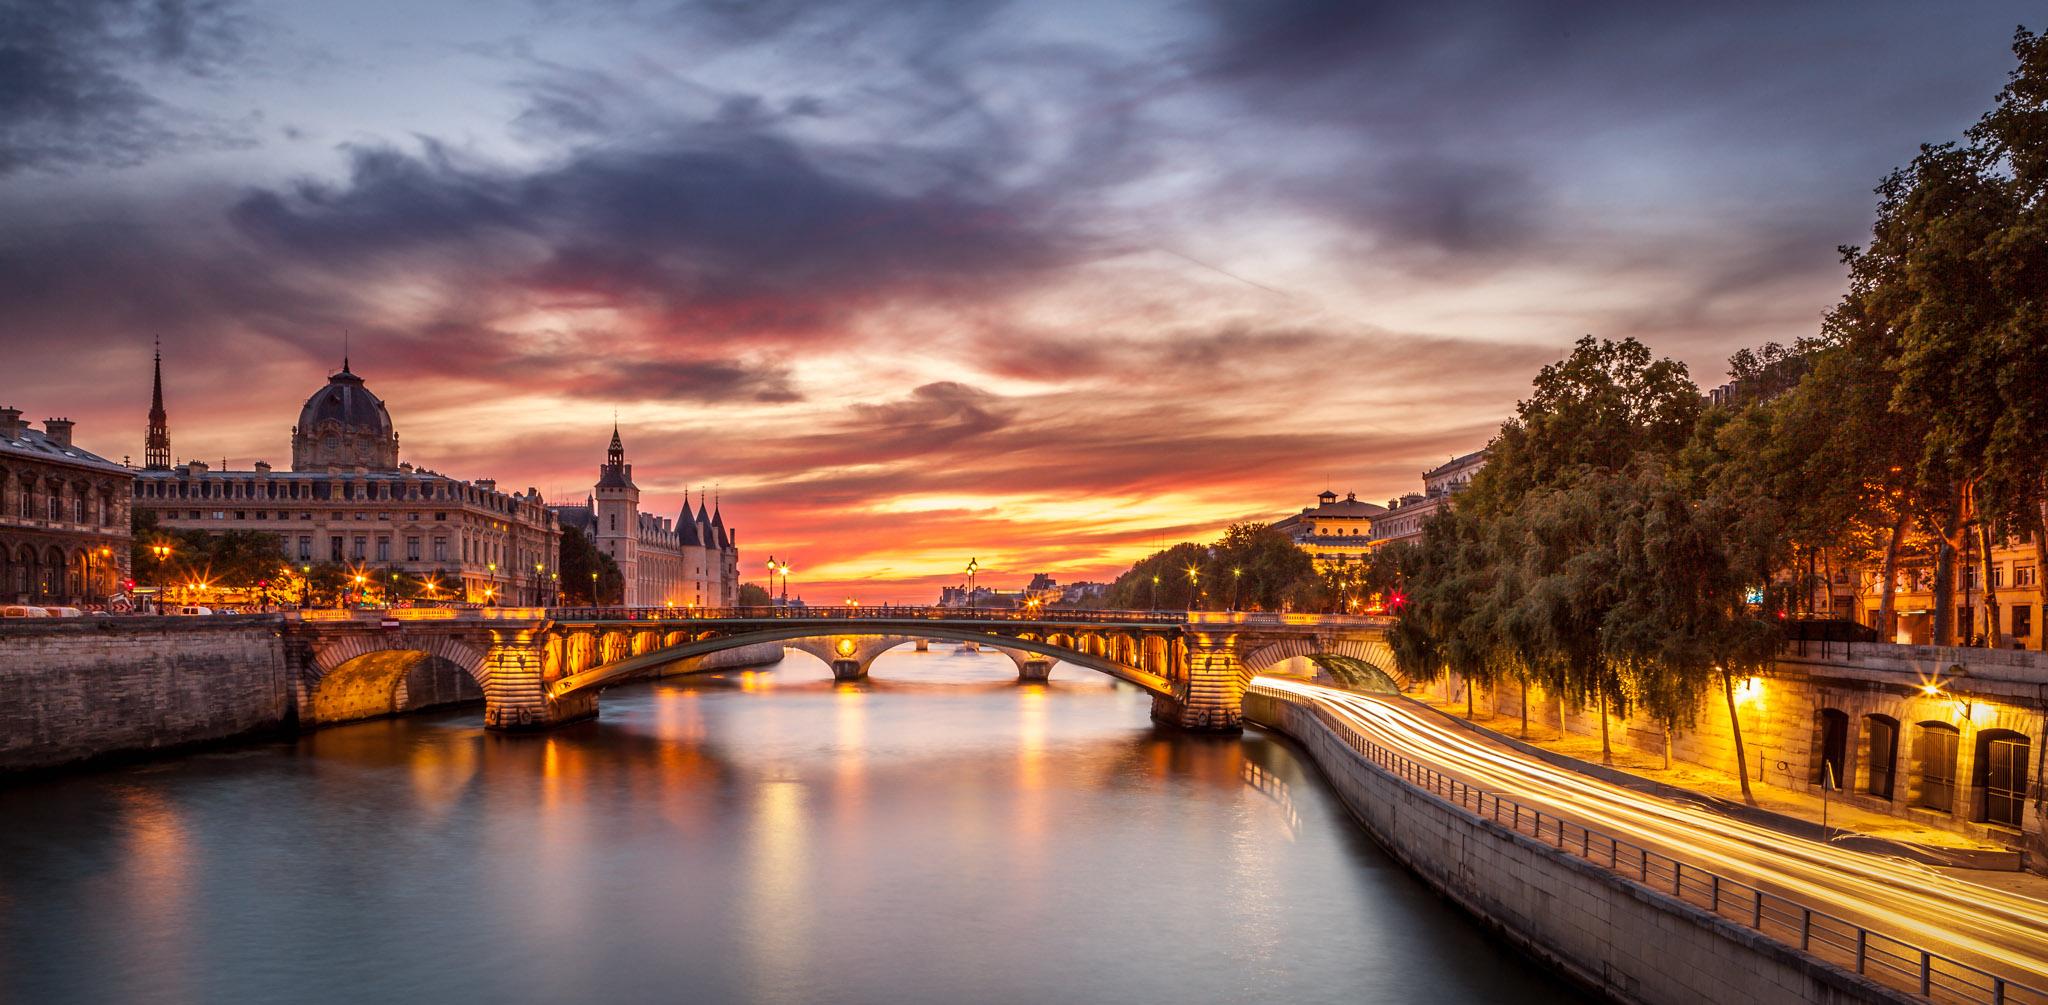 The Conciergerie Paris.